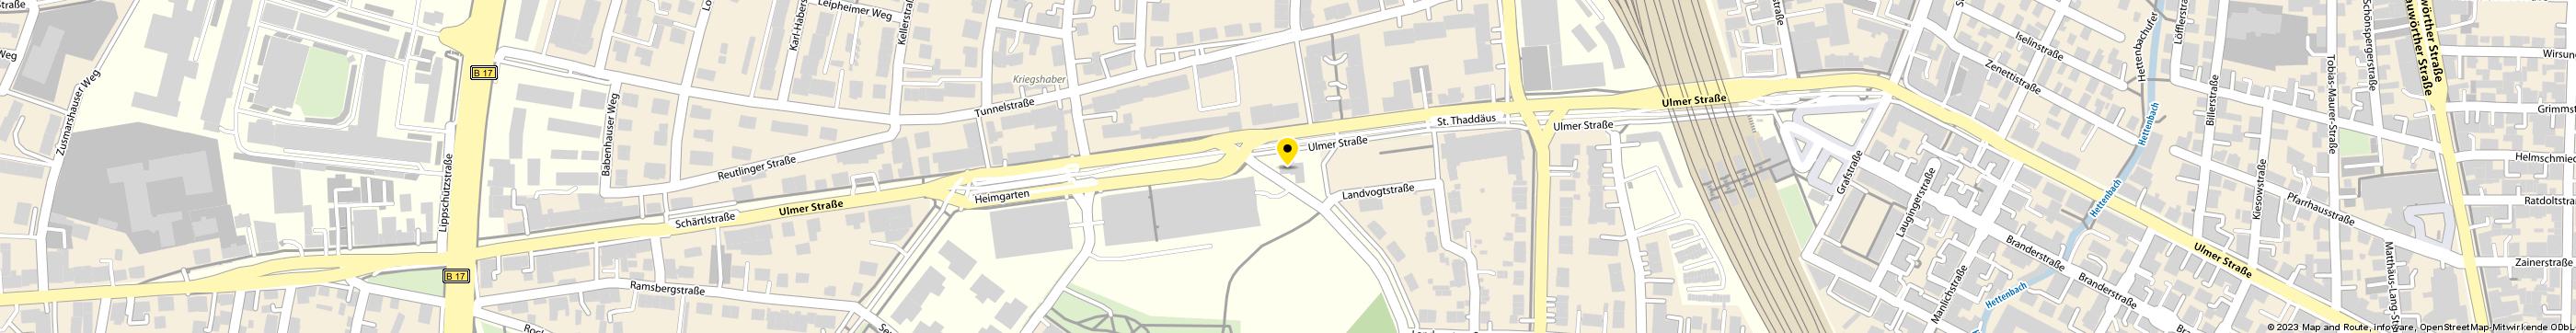 Savski Milena Lkw Vermietung 86156 Augsburg Kriegshaber Adresse